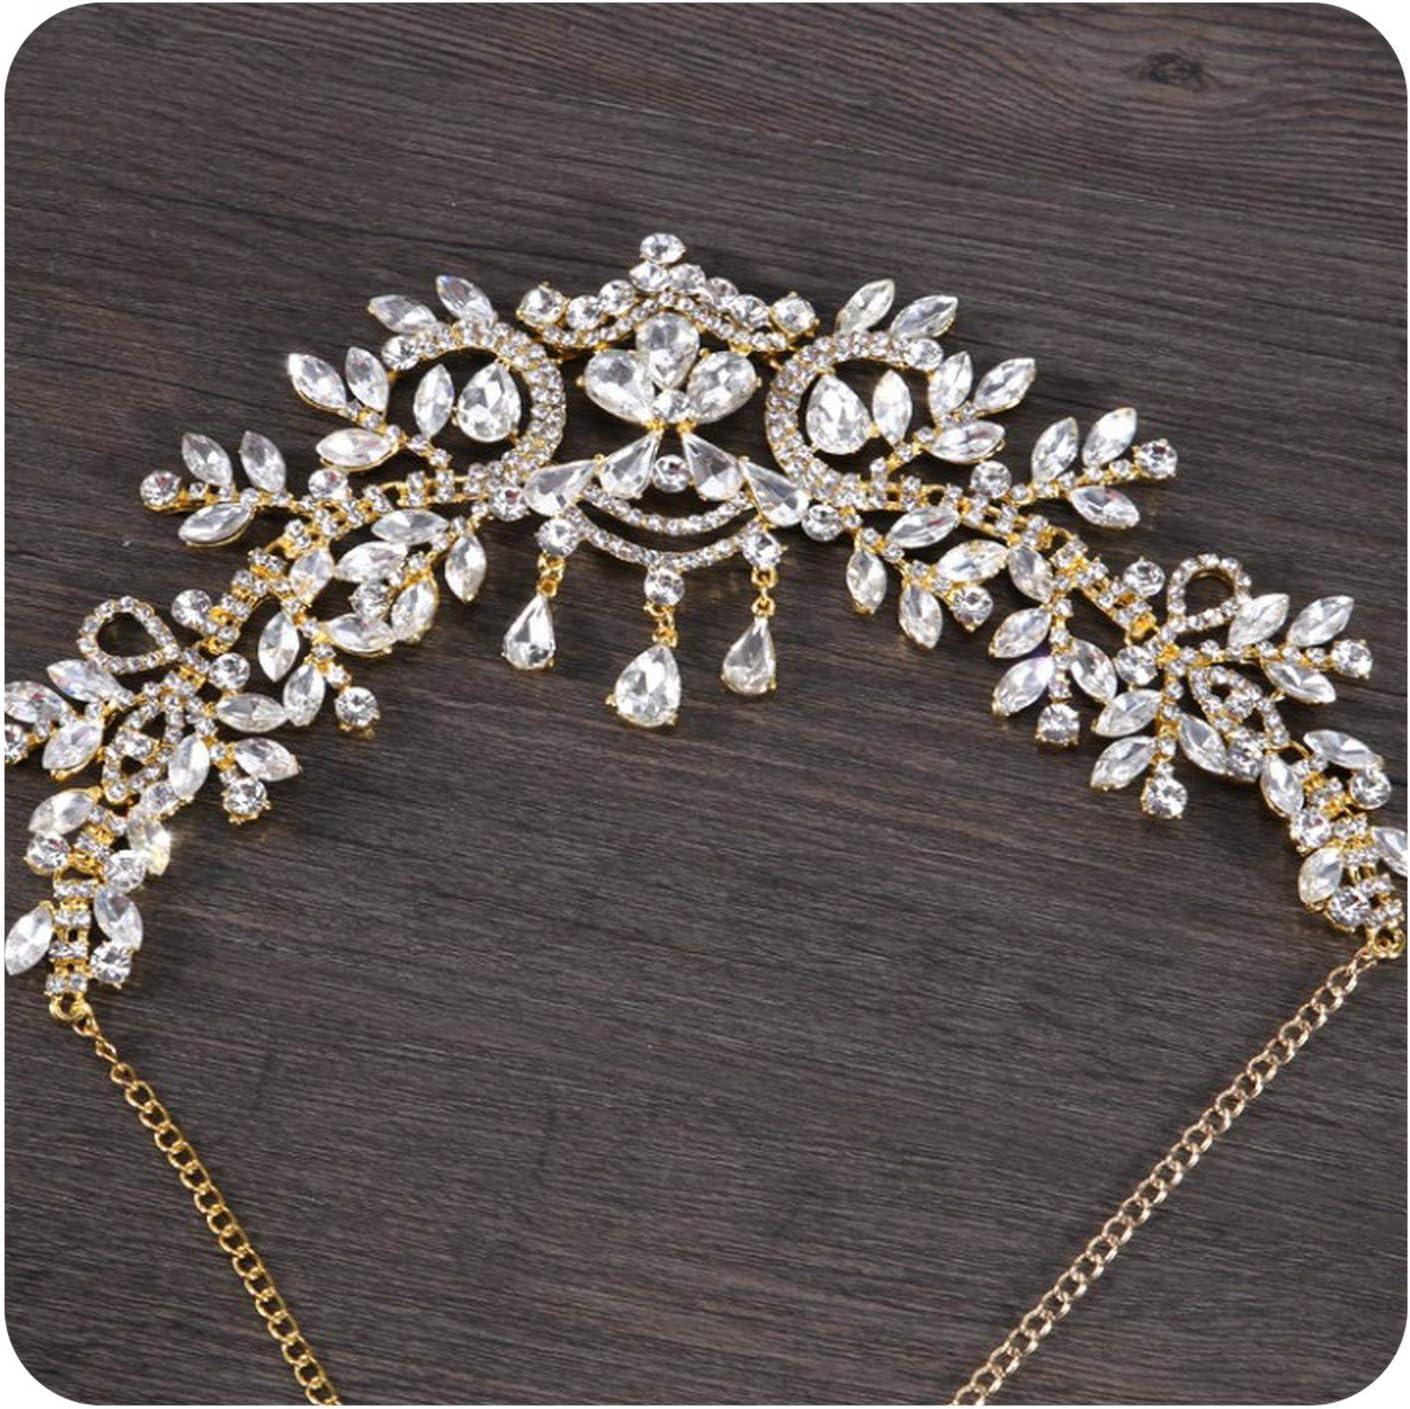 Bluecandy crownDiadema con diamantes de imitación, accesorio para el cabello, tiaras, corona nupcial, joyería para la frente del pelo, joyería, Talla única, Dorado,